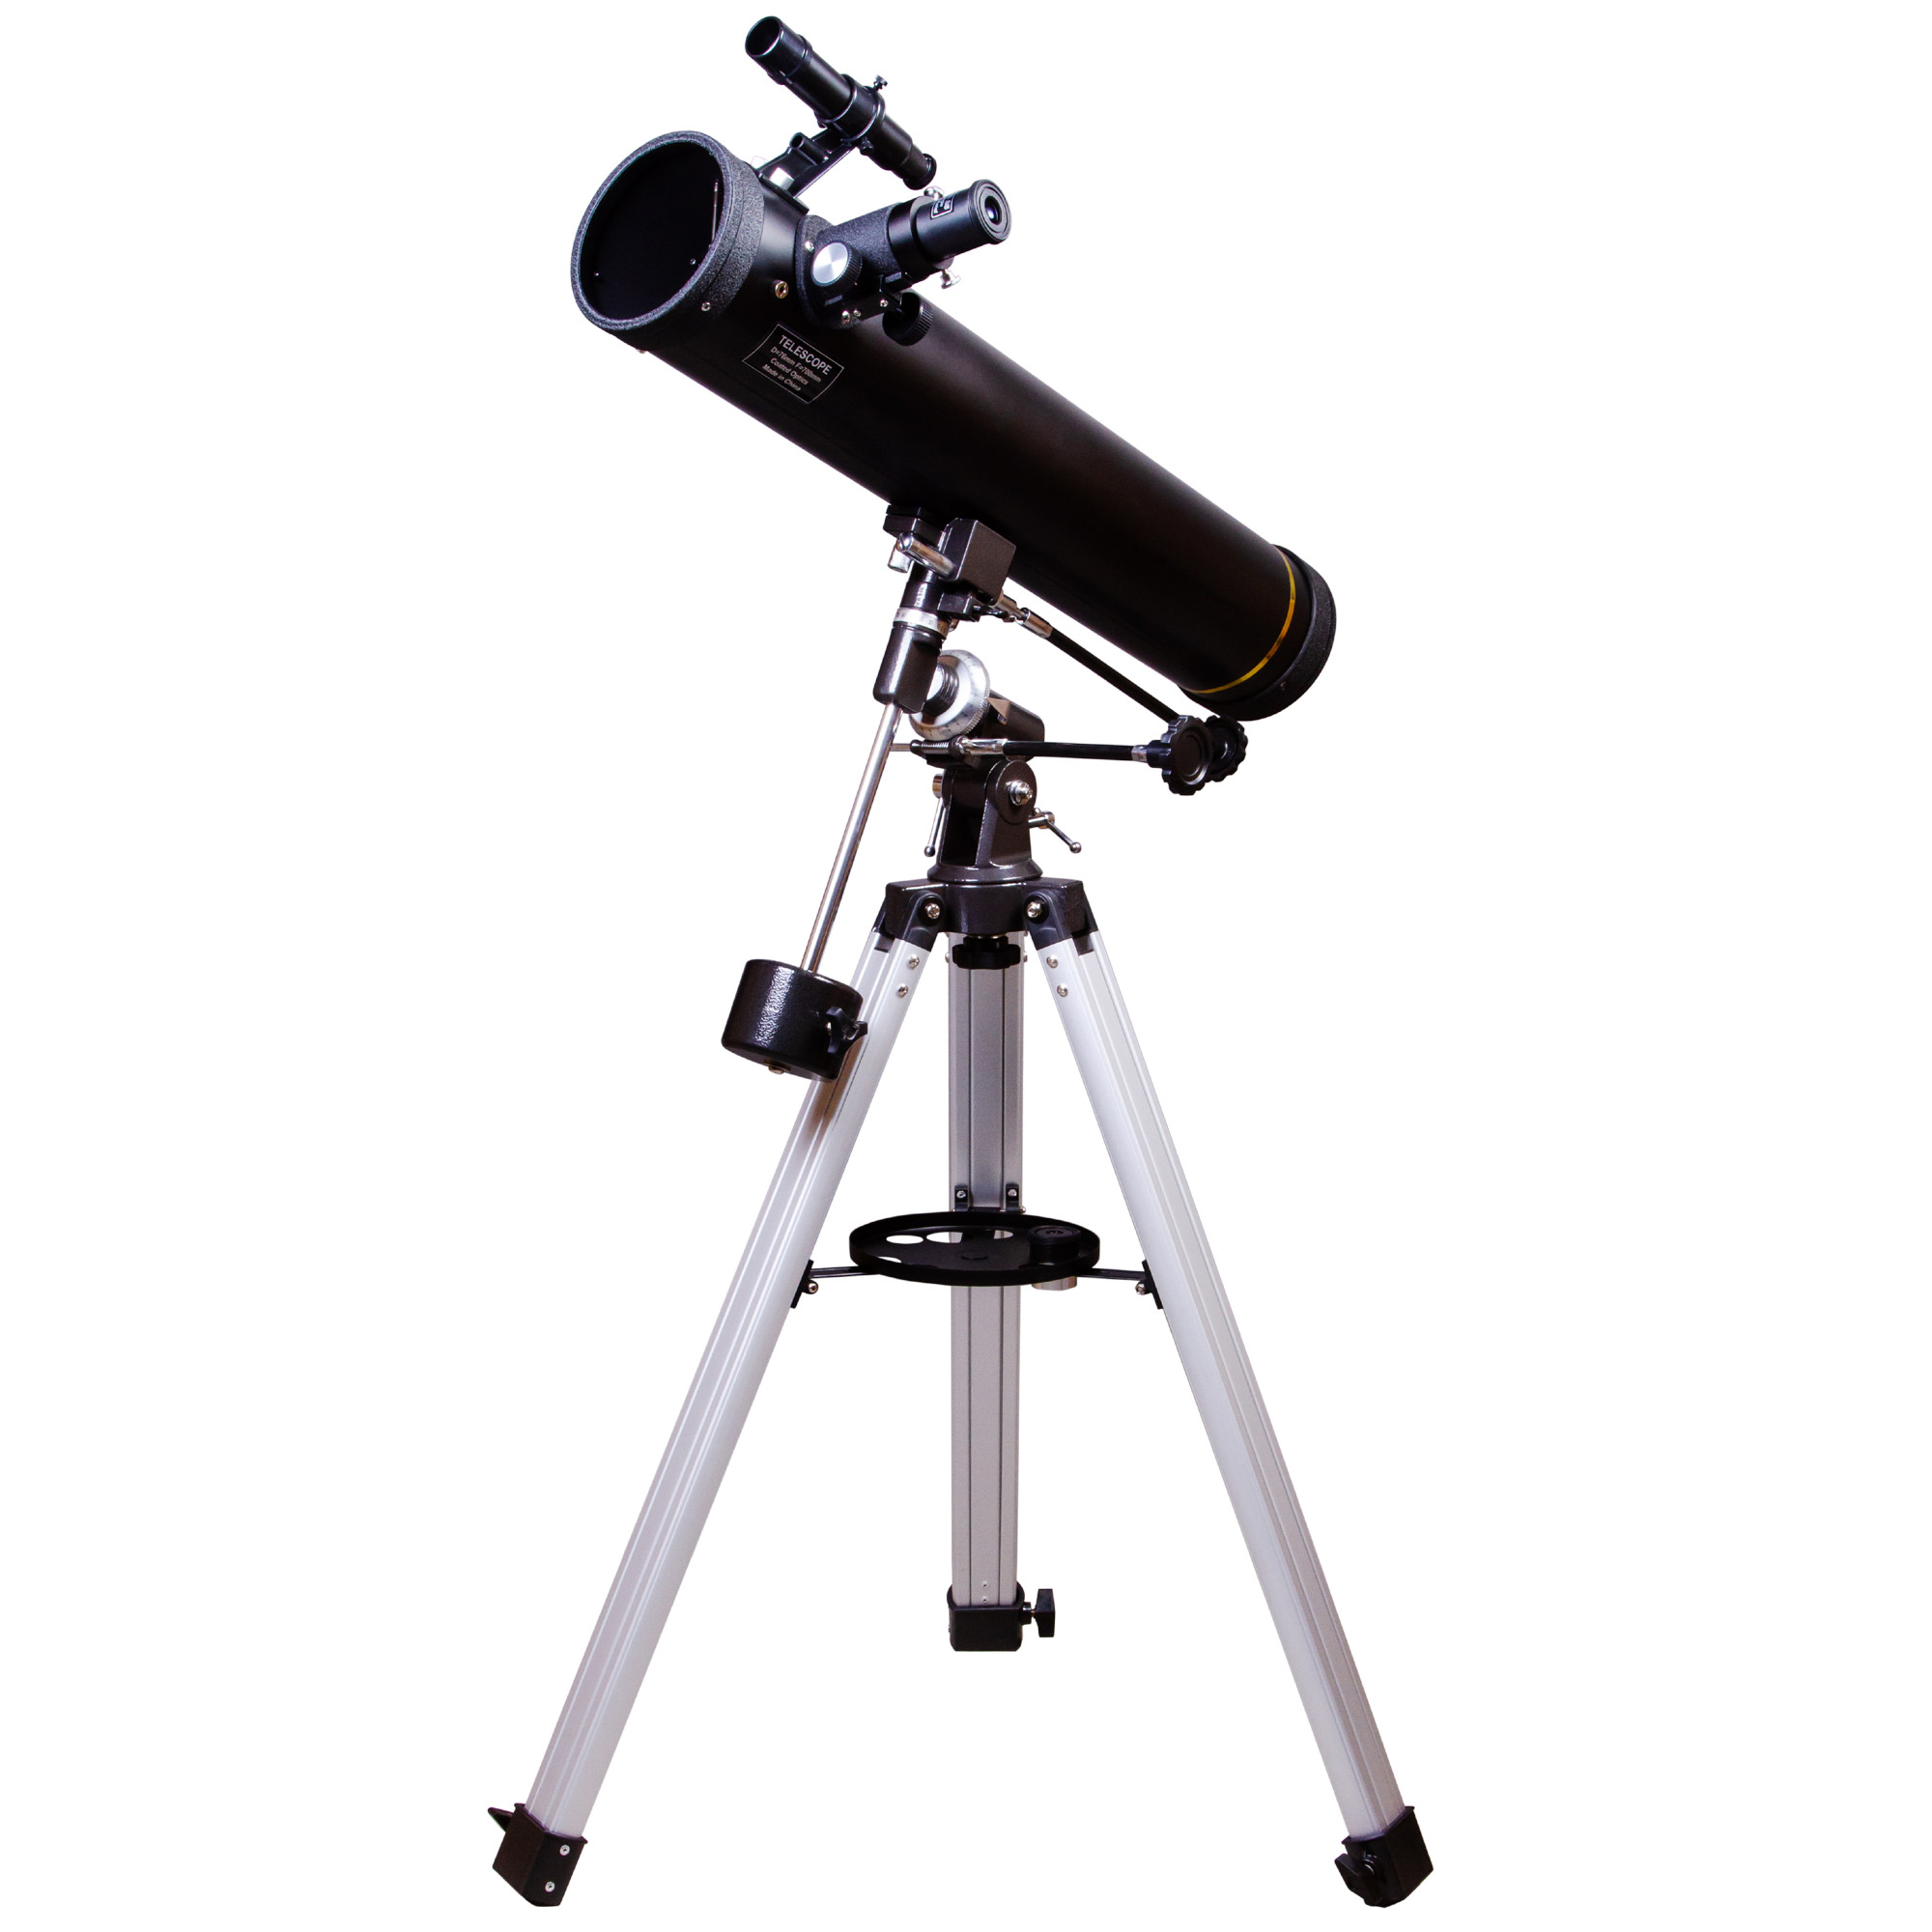 Фото - Телескоп Levenhuk Skyline PLUS 80S (+ Книга «Космос. Непустая пустота» в подарок!) сумка levenhuk zongo 20 для телескопа черная малая